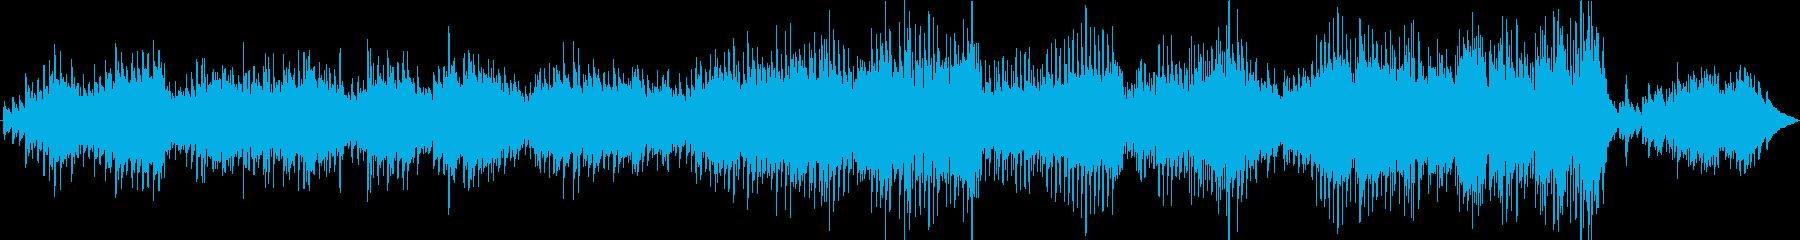 優しく寄り添うピアノ・ソロの再生済みの波形